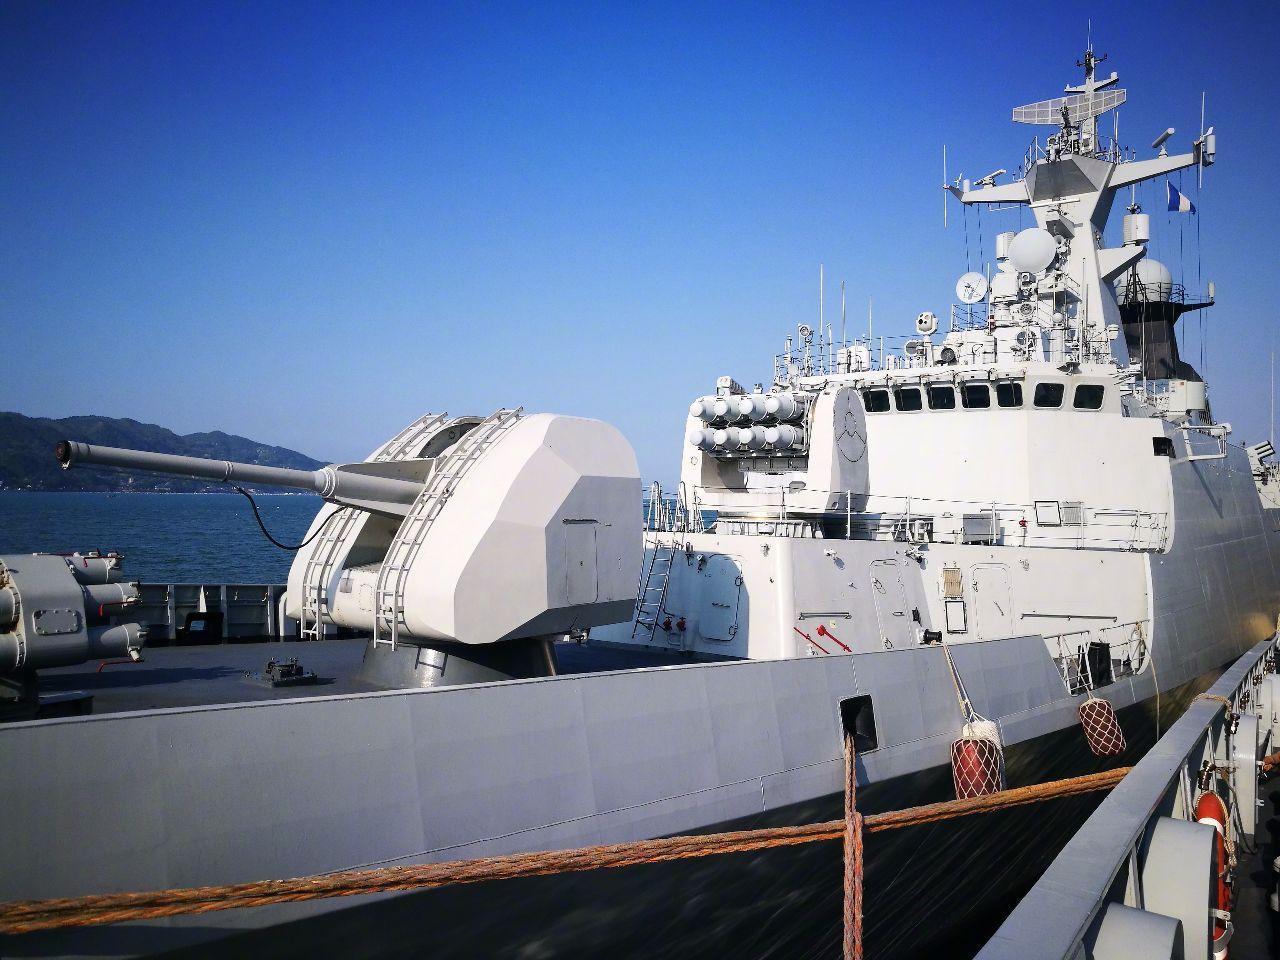 为何我国军舰的舰体表面有凹凸不平?是舰艇质量问题么?